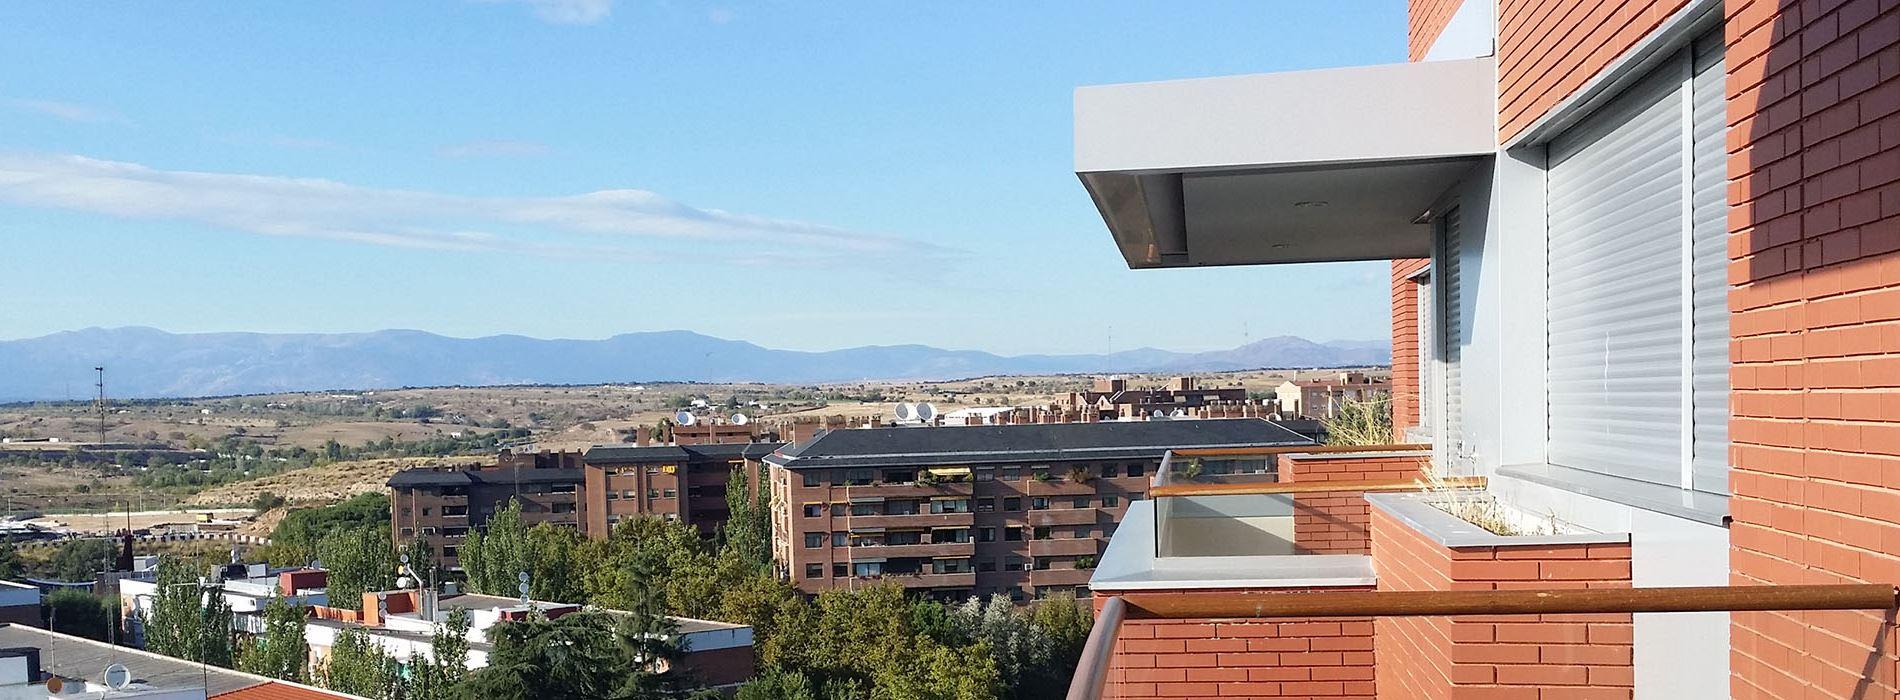 Obra nueva centro comercial inmobiliario - Casas en mirasierra madrid ...